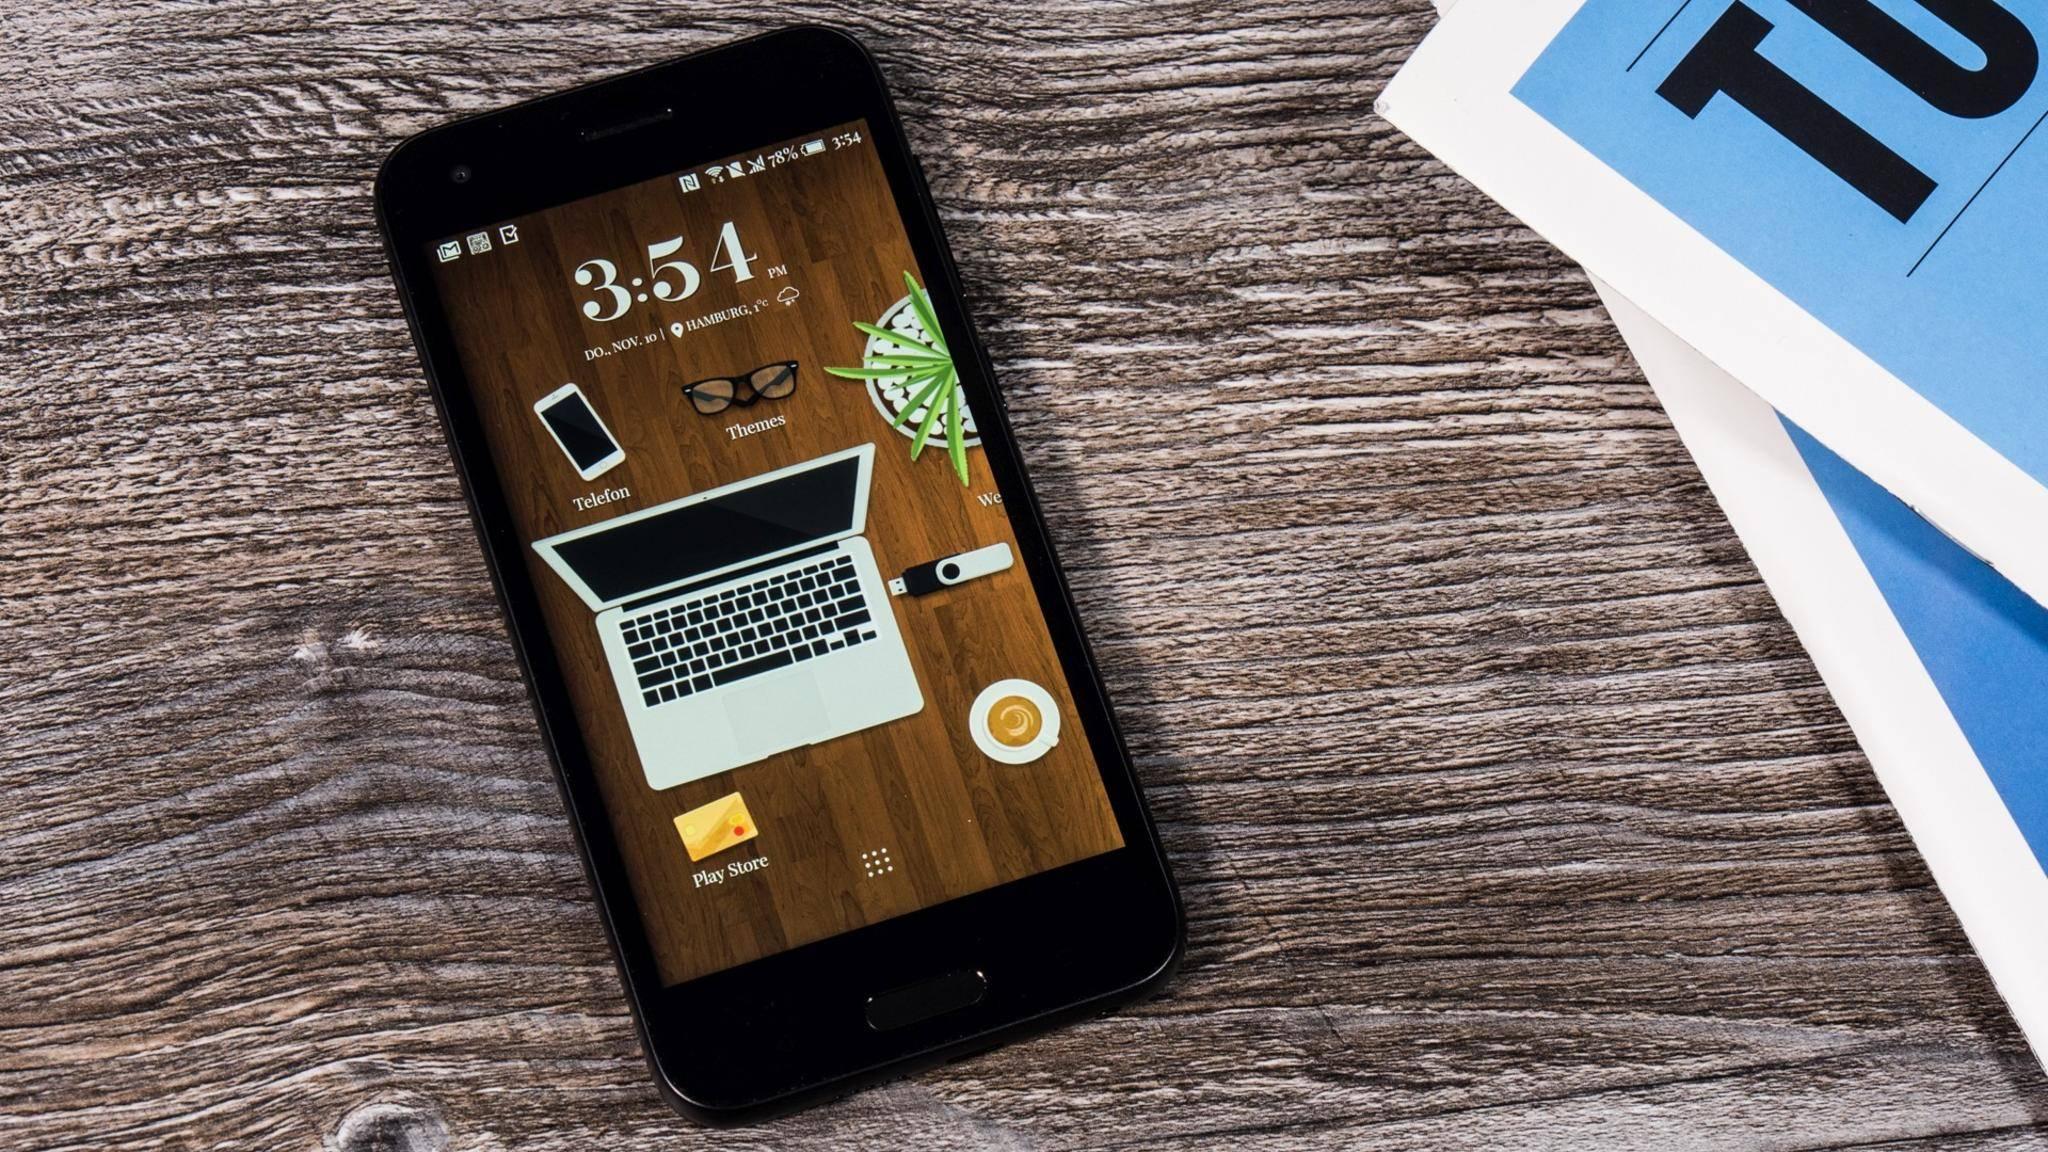 Das HTC One A9s erinnert optisch stark ans iPhone 6s.